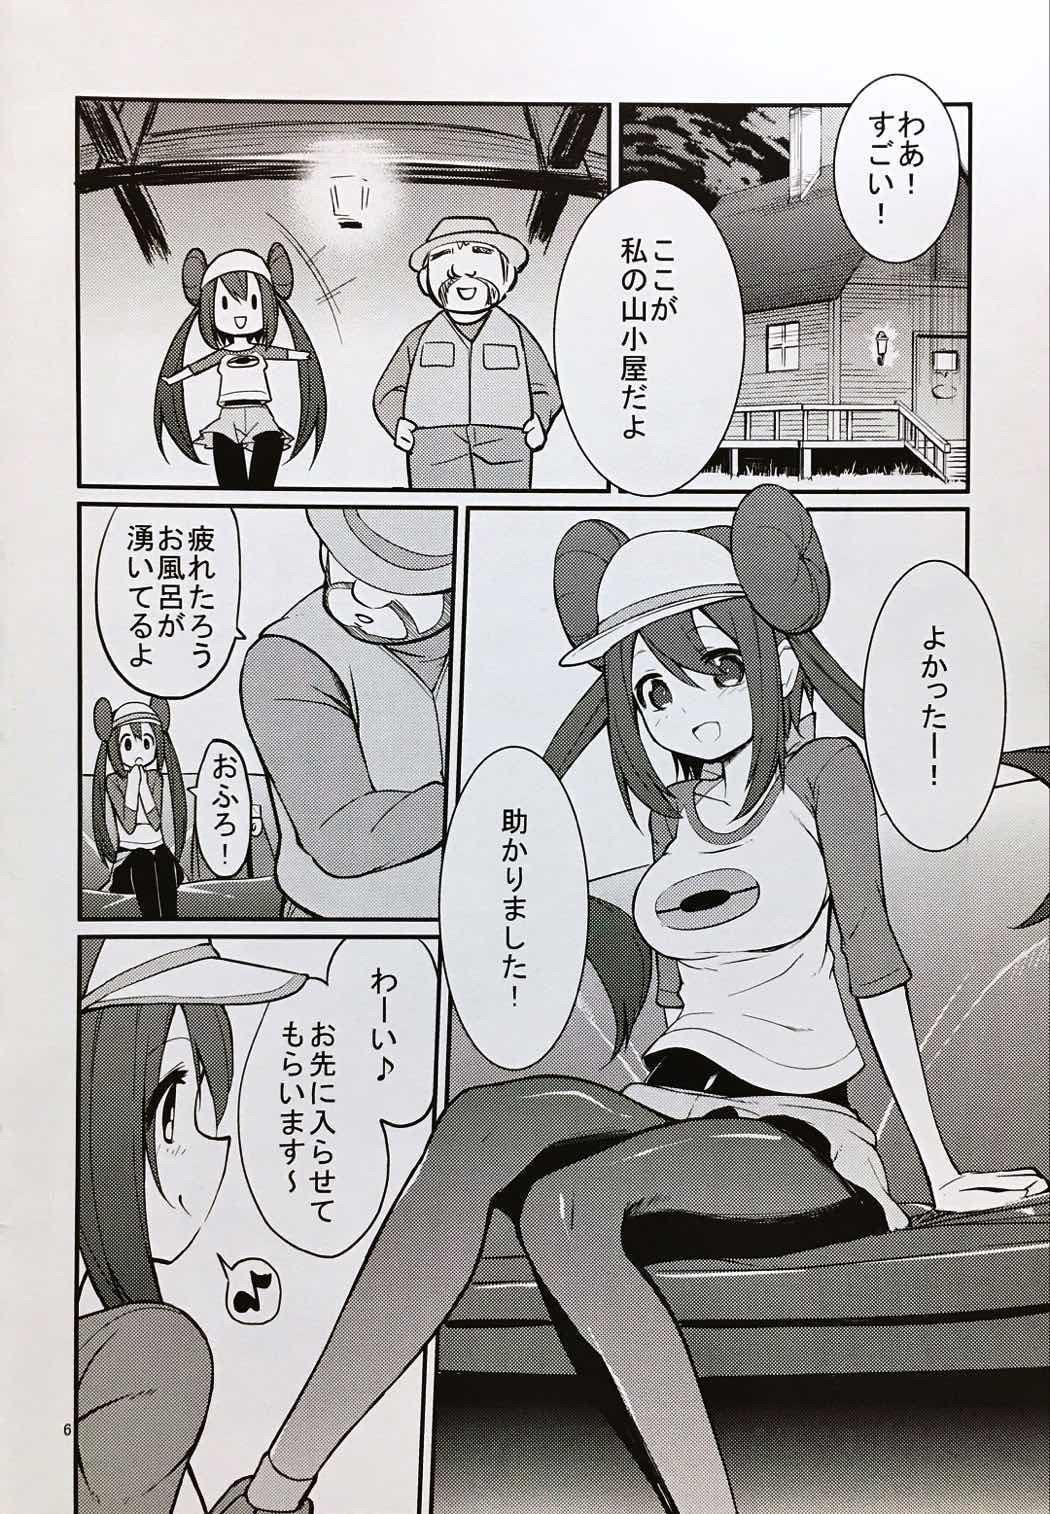 エロ い 漫画 ポケモン